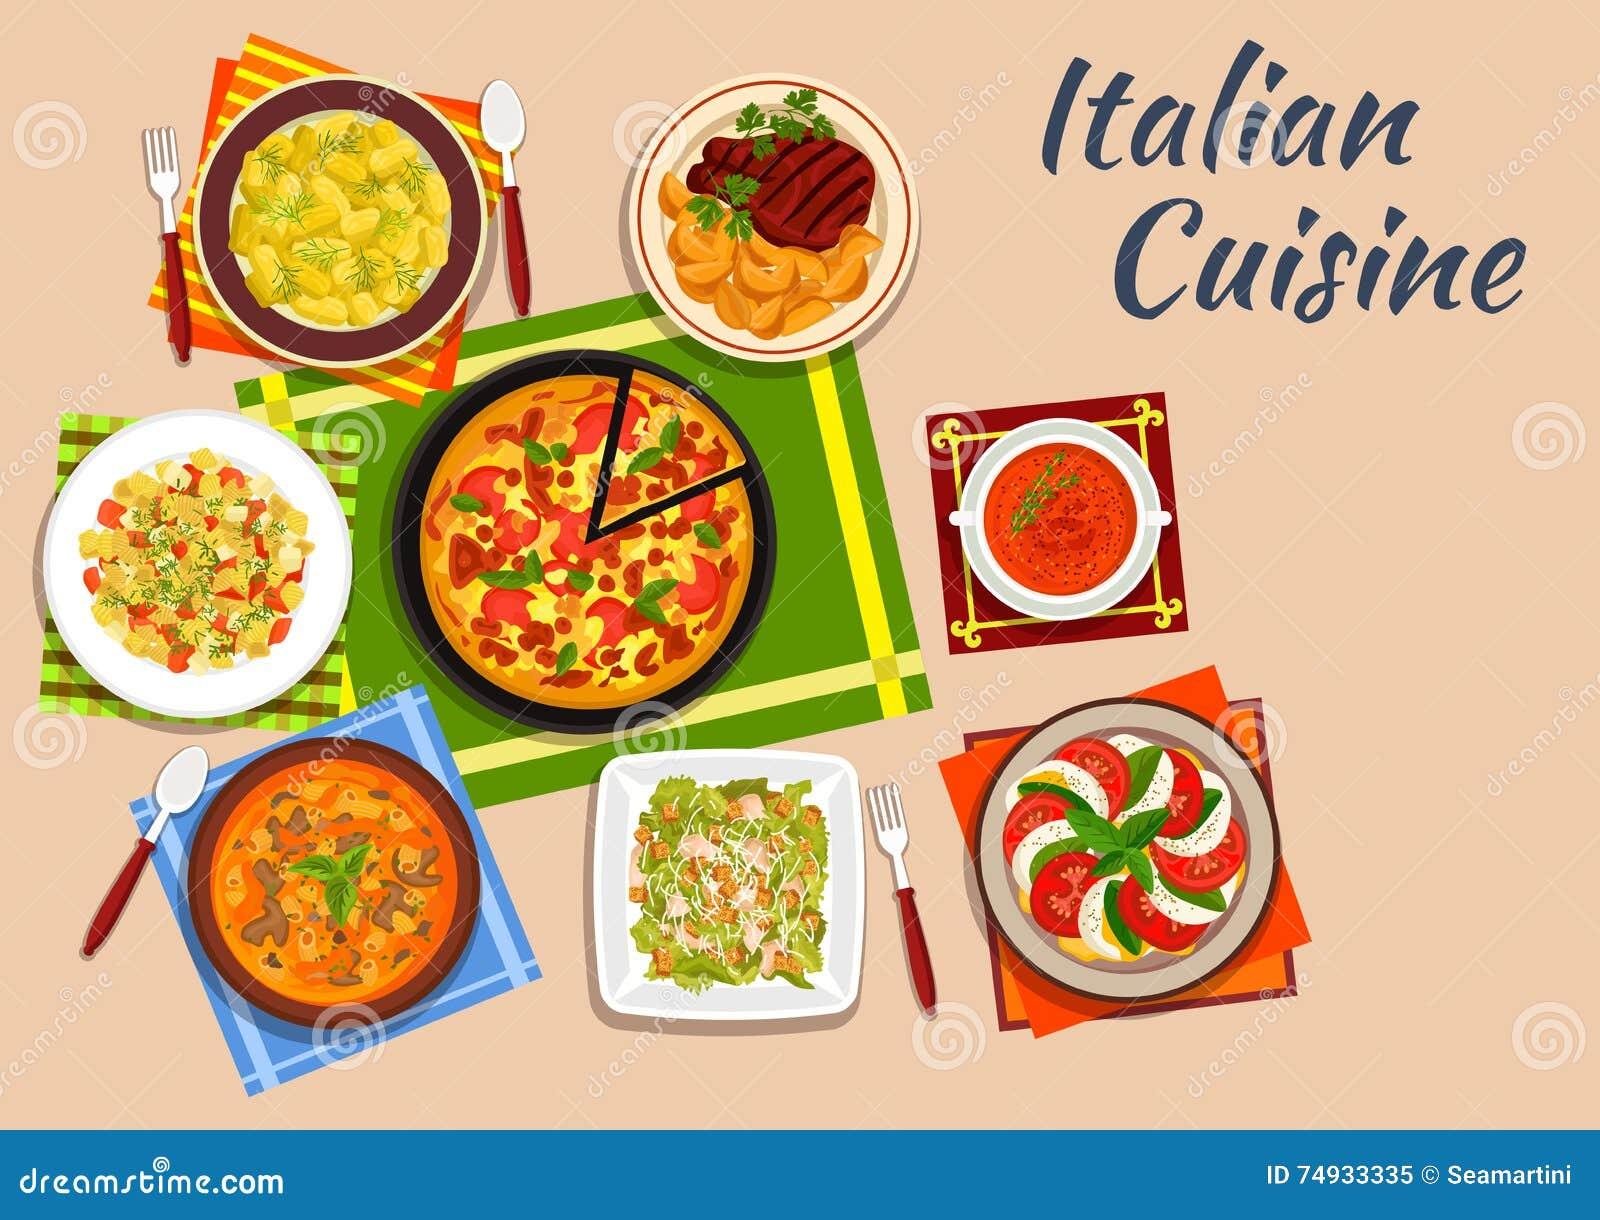 Piatti italiani nazionali del menu di cucina illustrazione for Z cucina menu